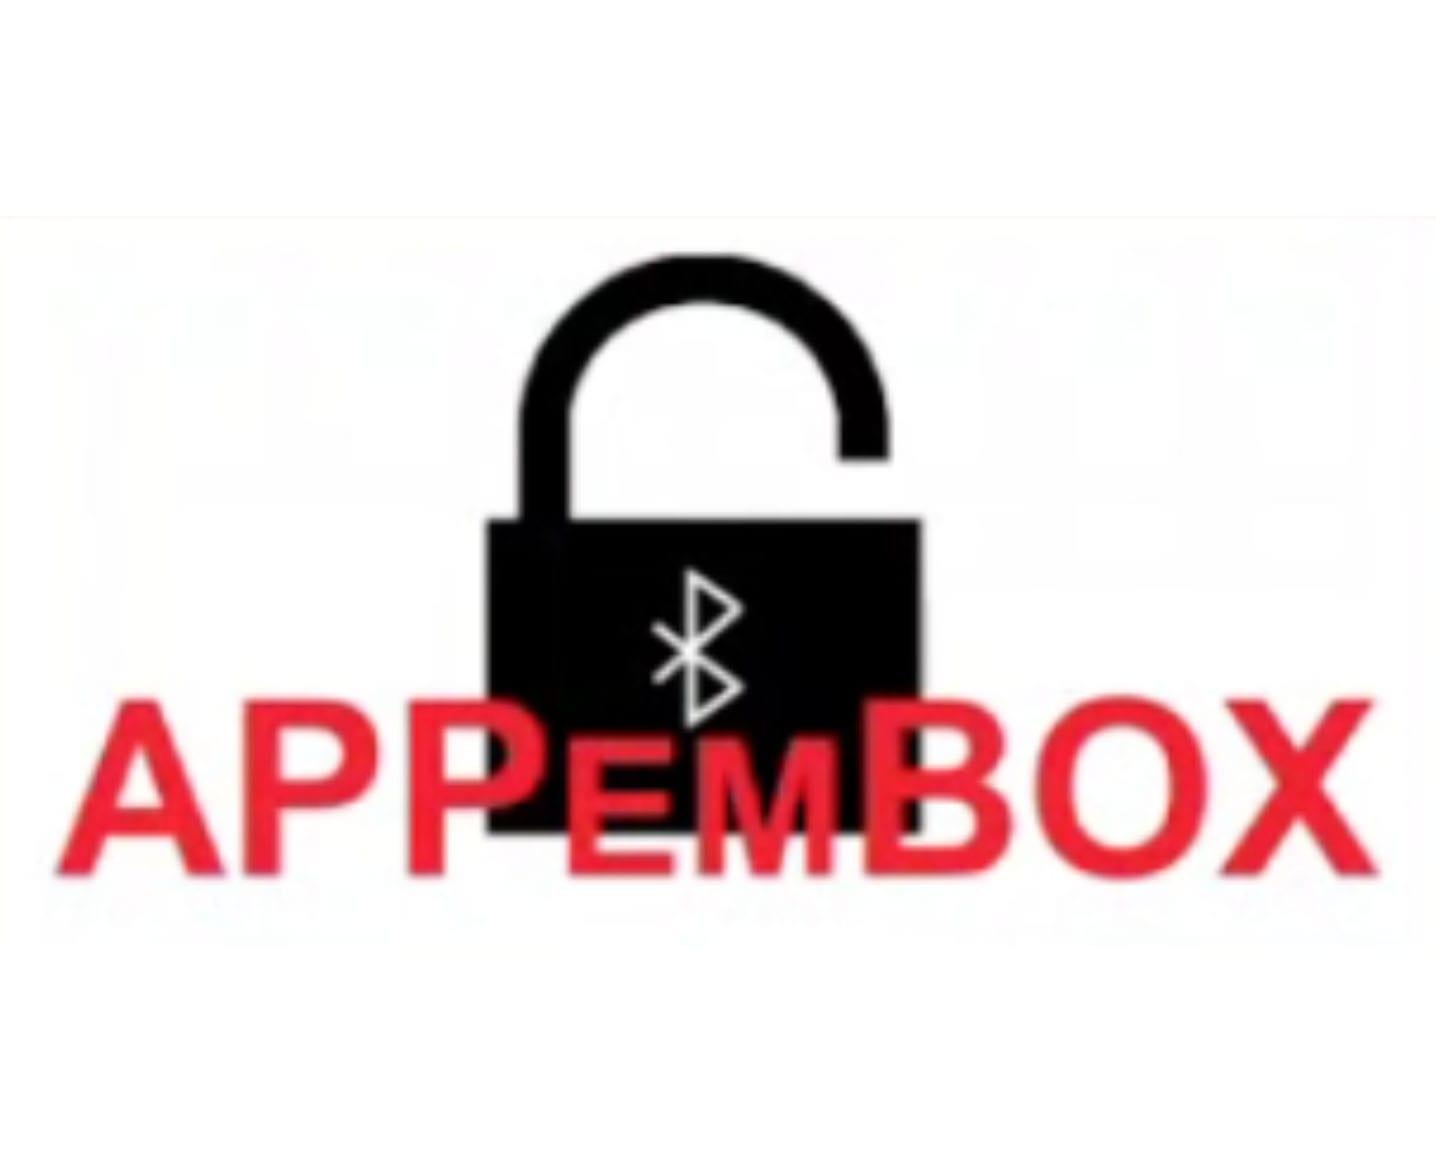 appembox-logo